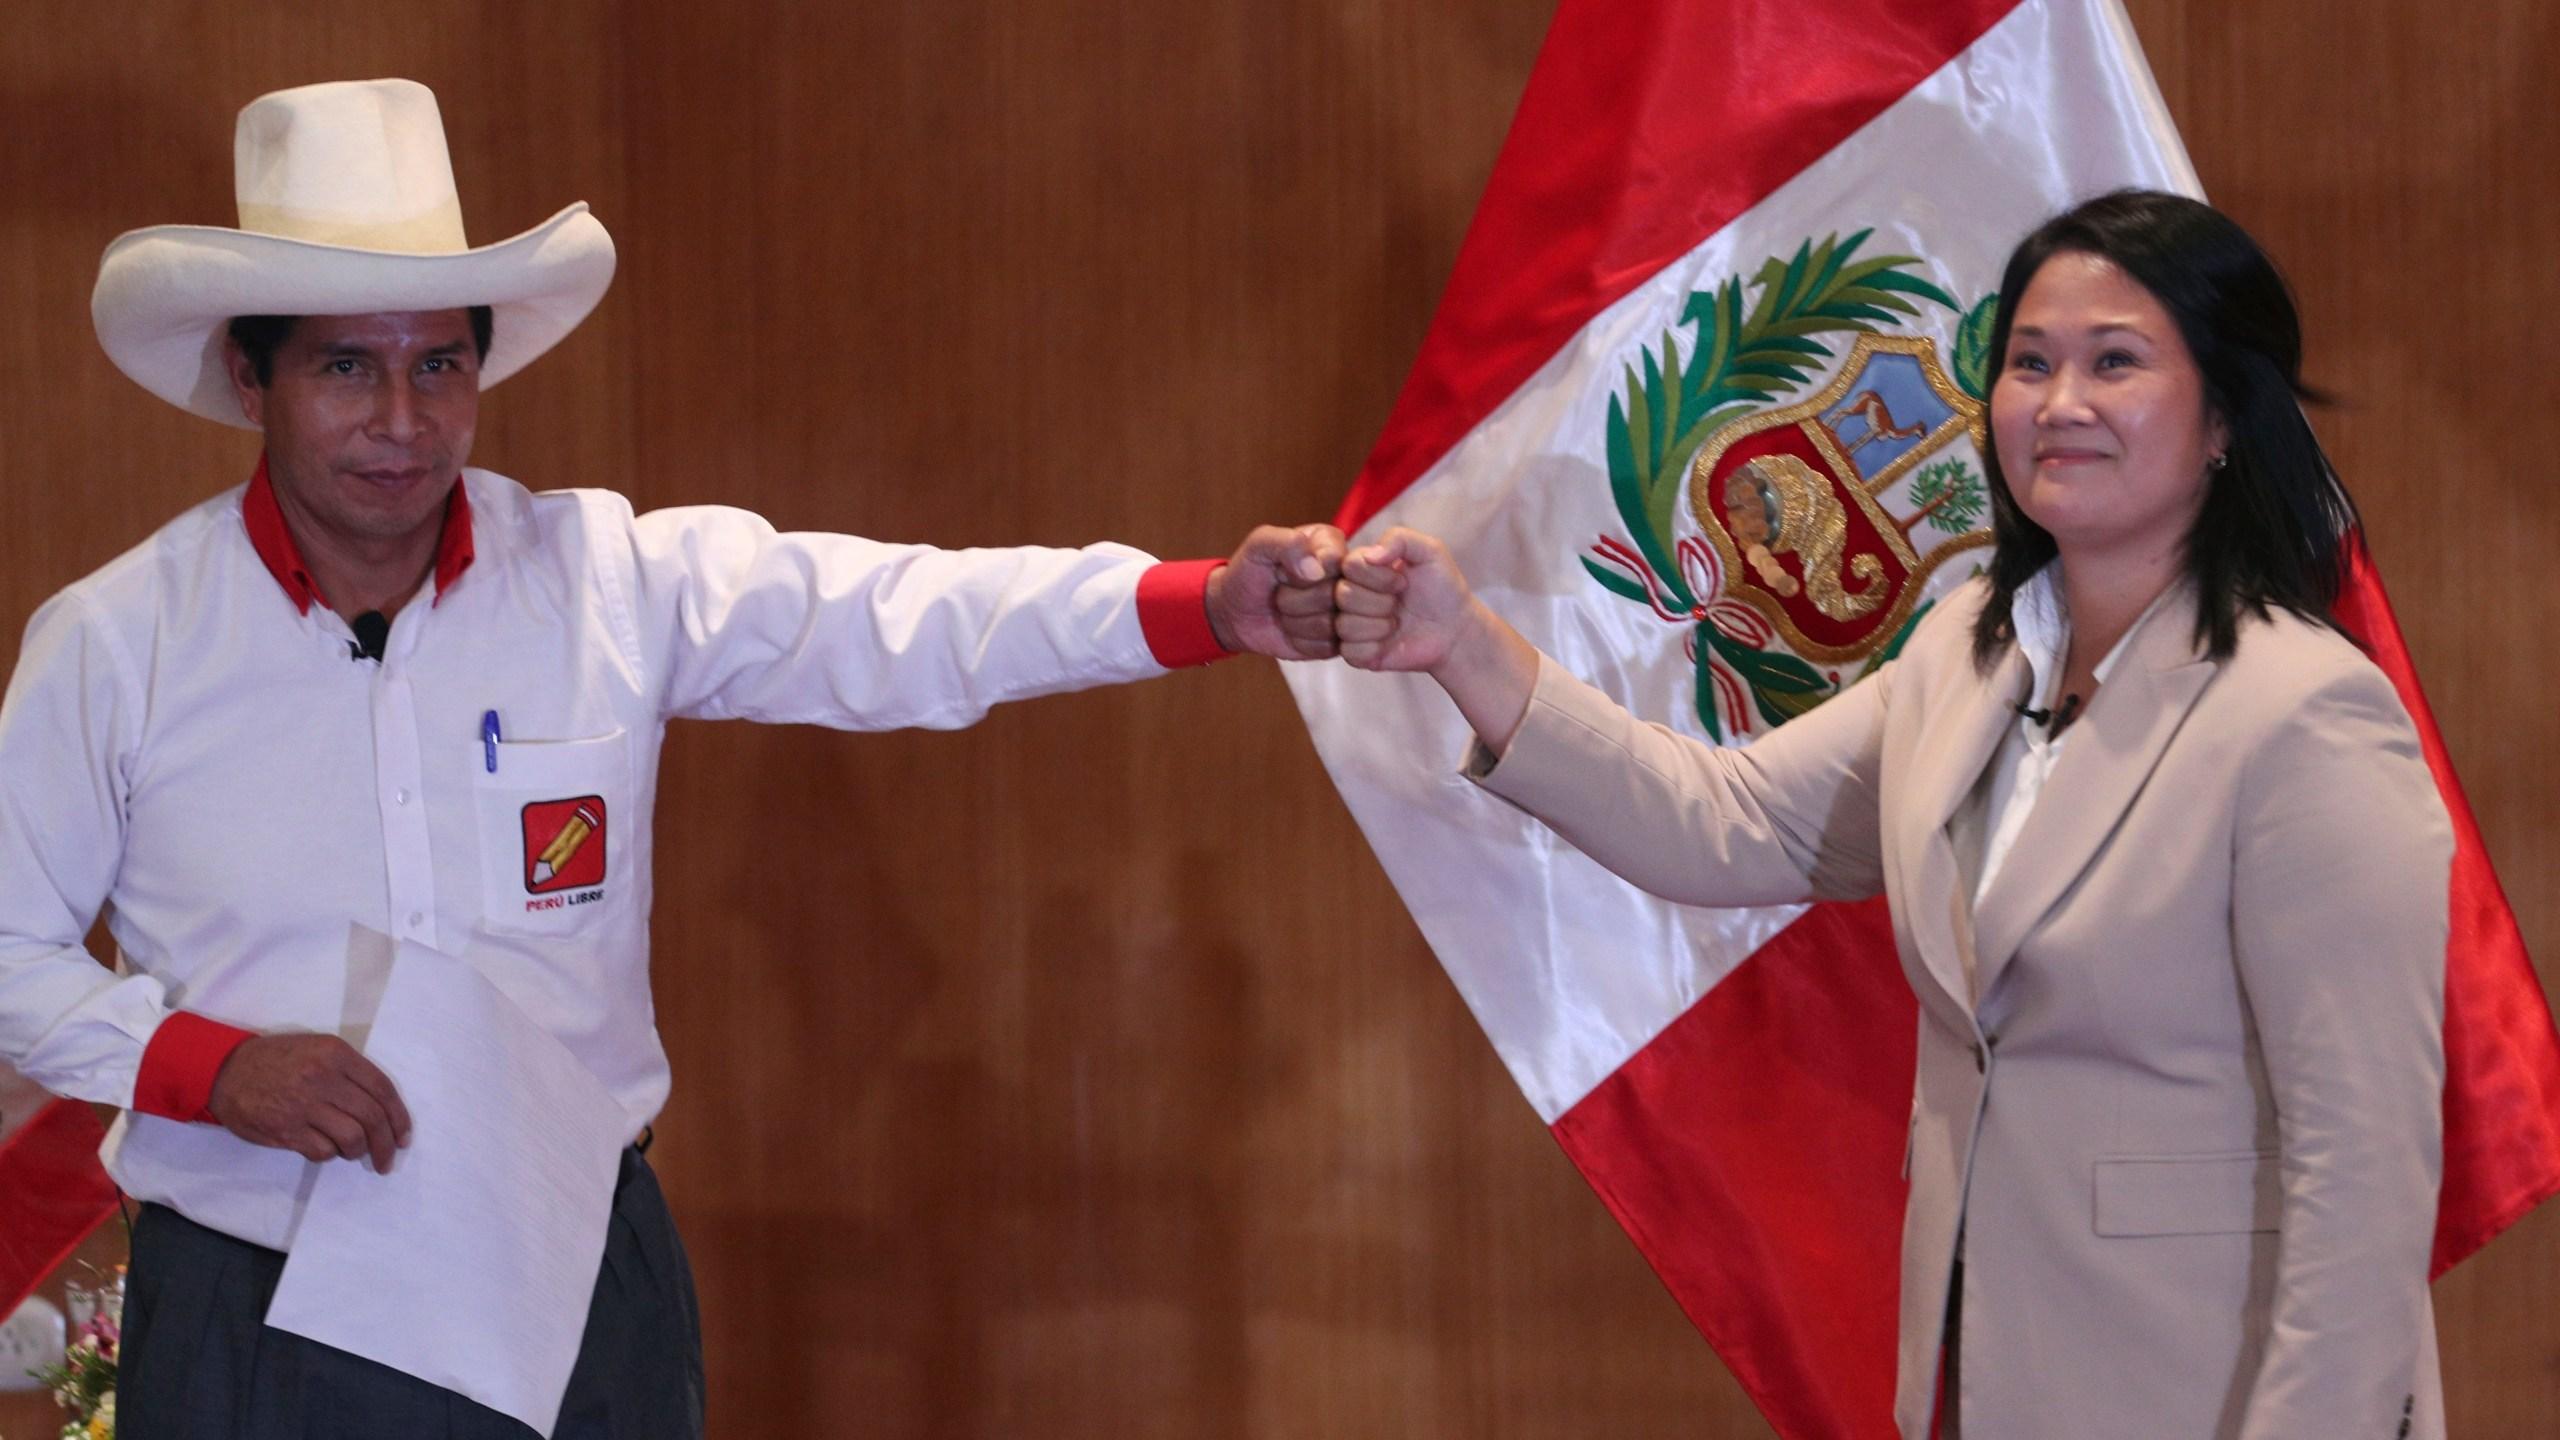 Keiko Fujimori, Pedro Castillo